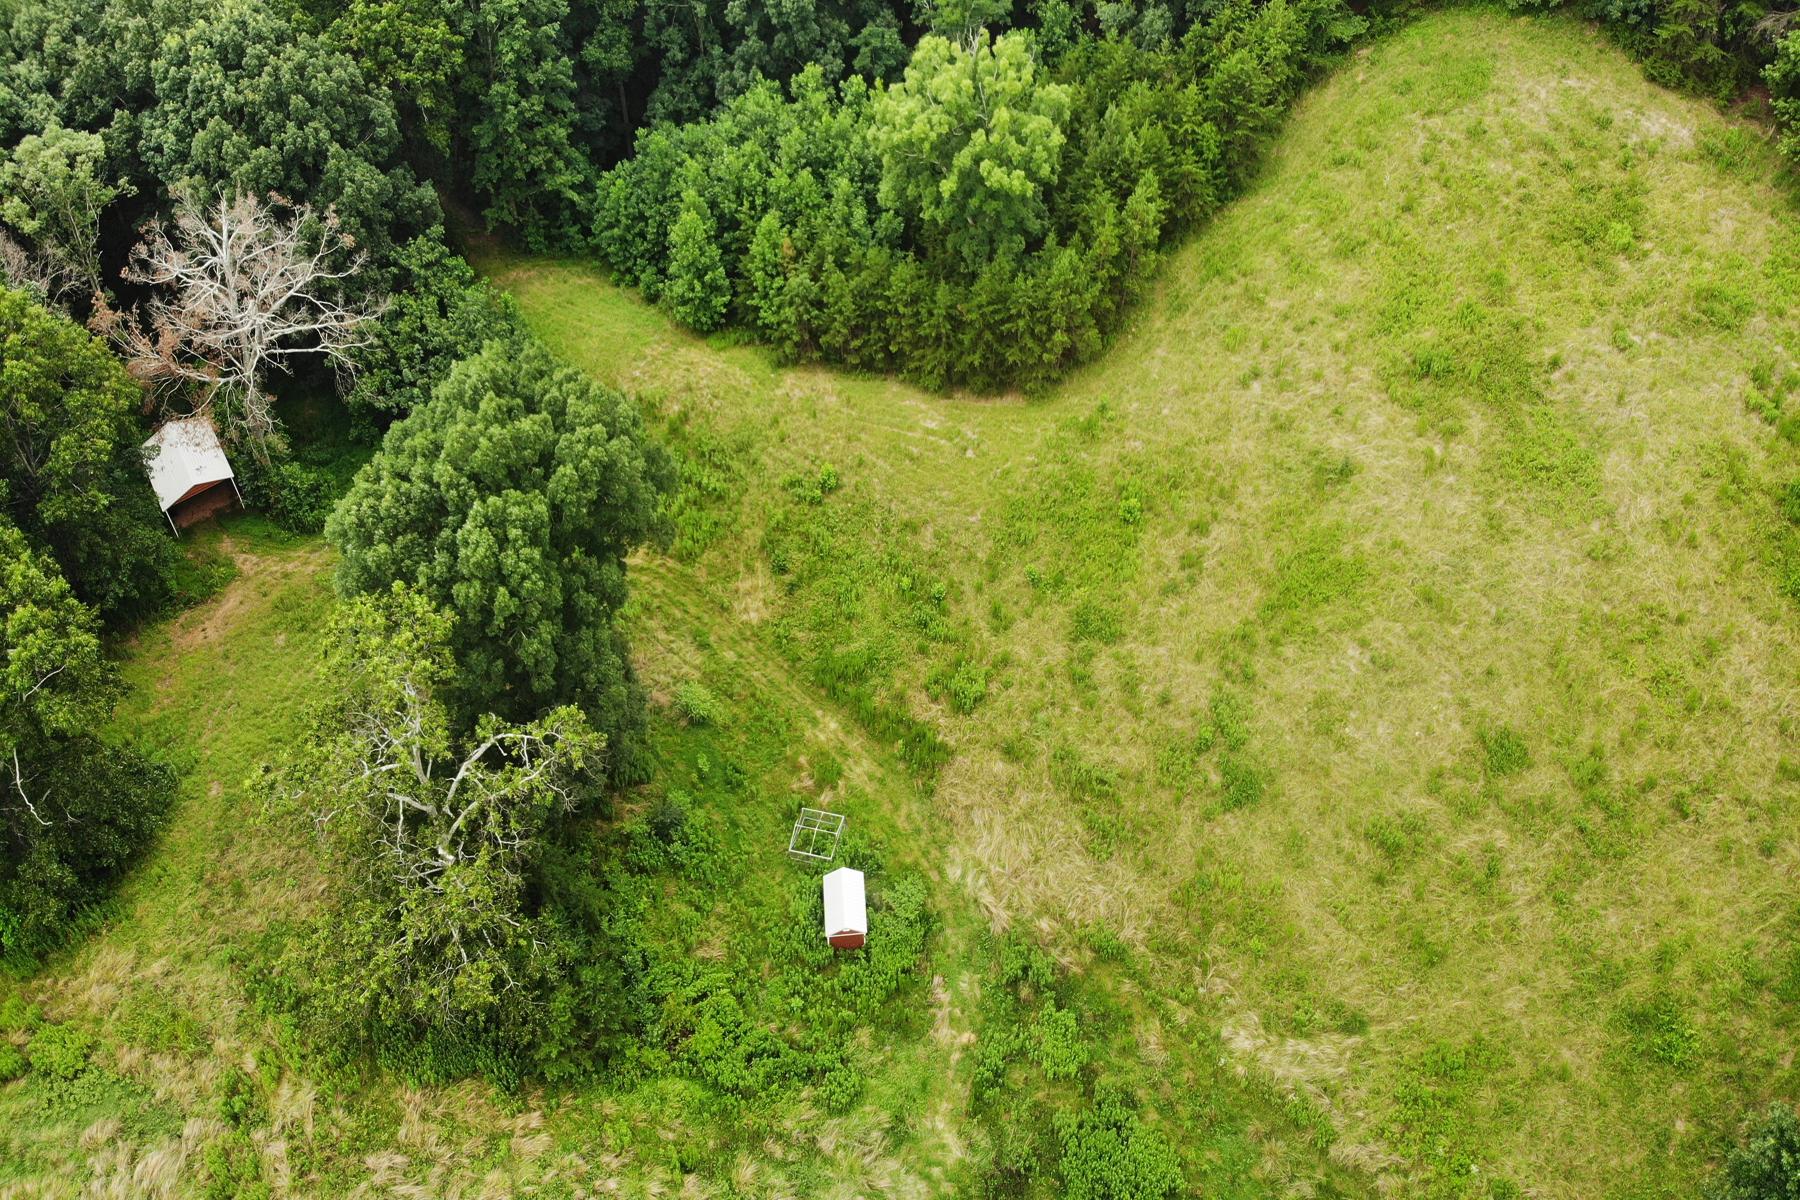 Terreno por un Venta en Equestrian Farm Acreage 398 Barefoot Road, Lula, Georgia 30554 Estados Unidos